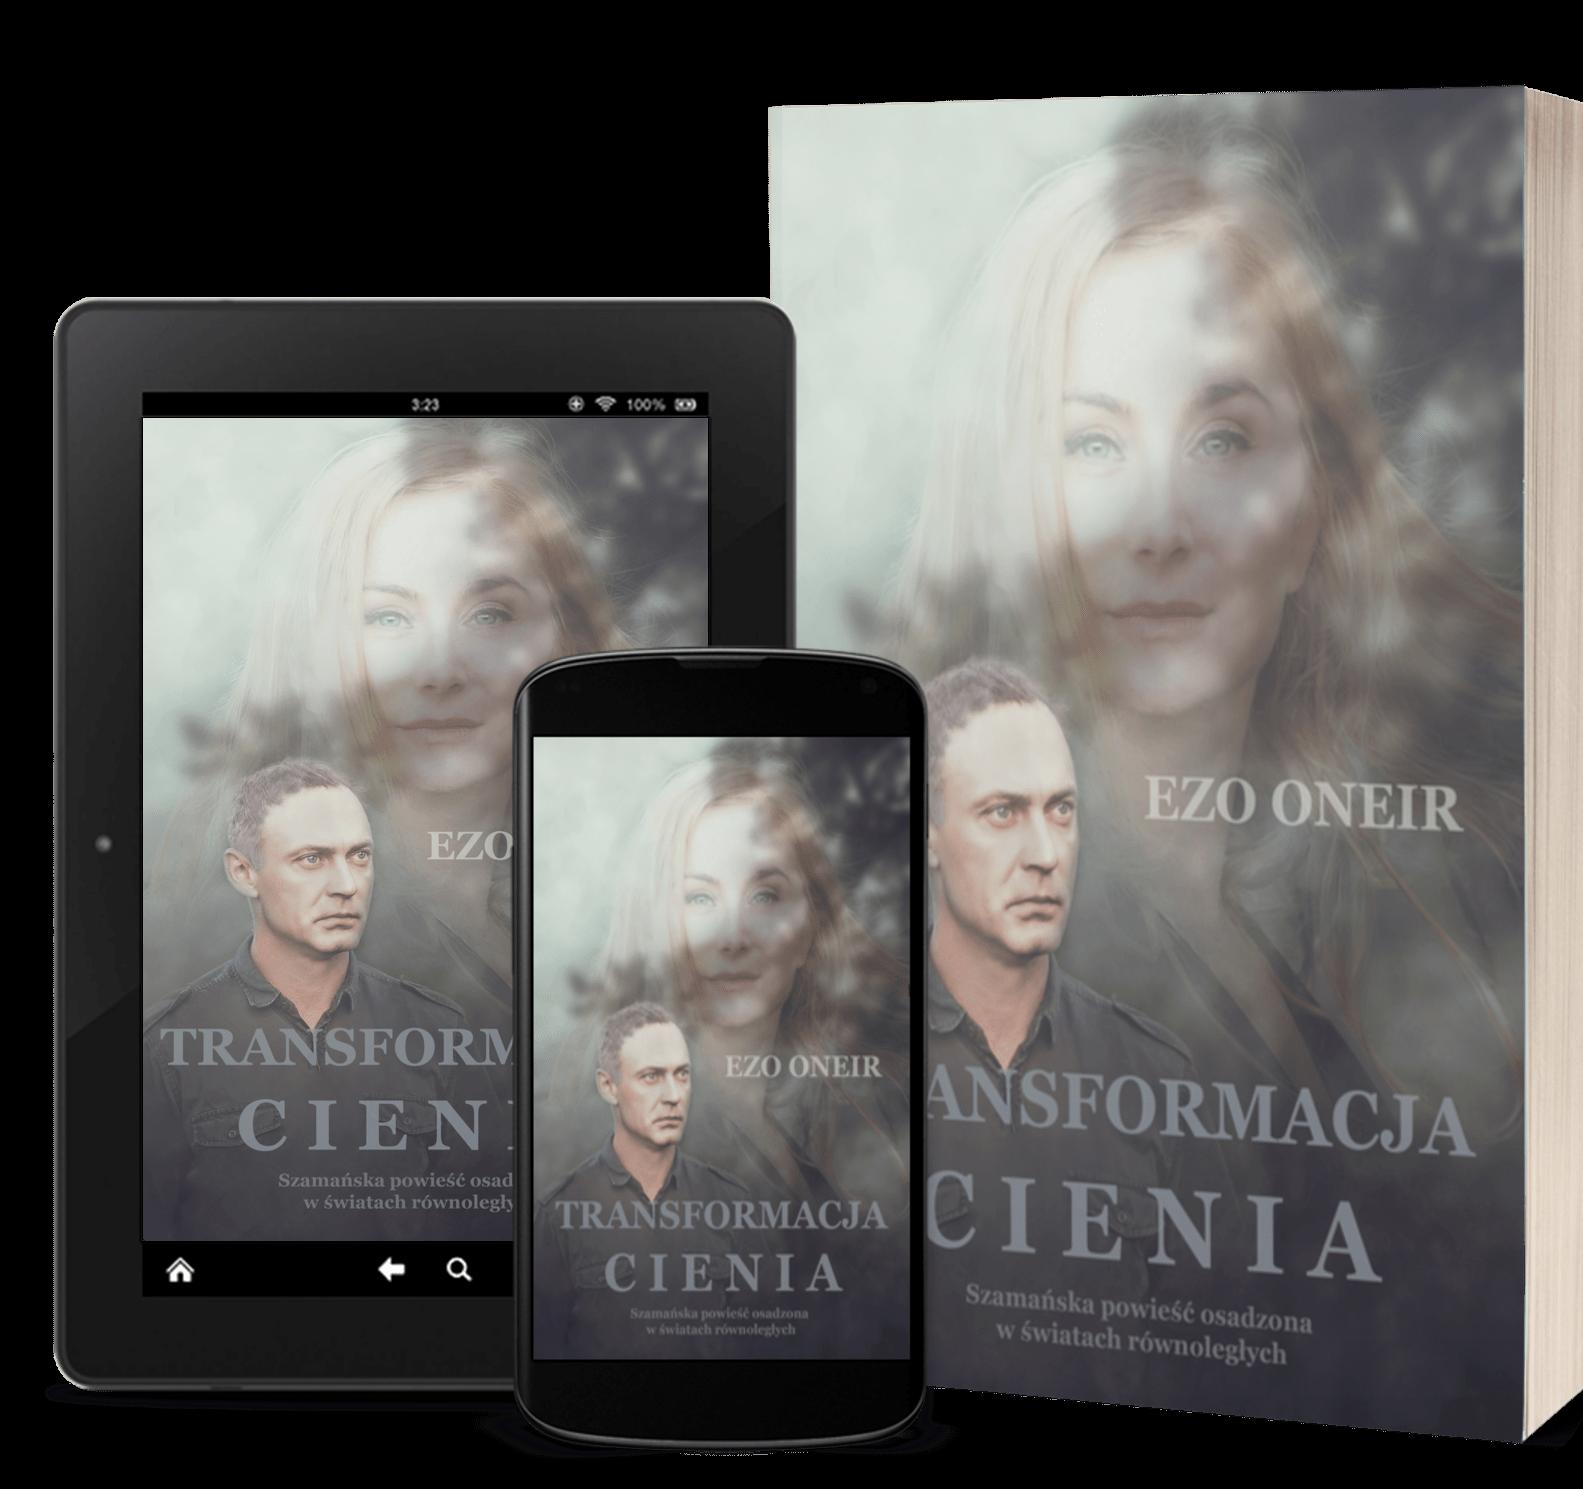 Ezo Oneir powieść surrealistyczna. Fotografia poza rzeczywistością. Wydawnictwo Ezo Oneir. Twin Peaks